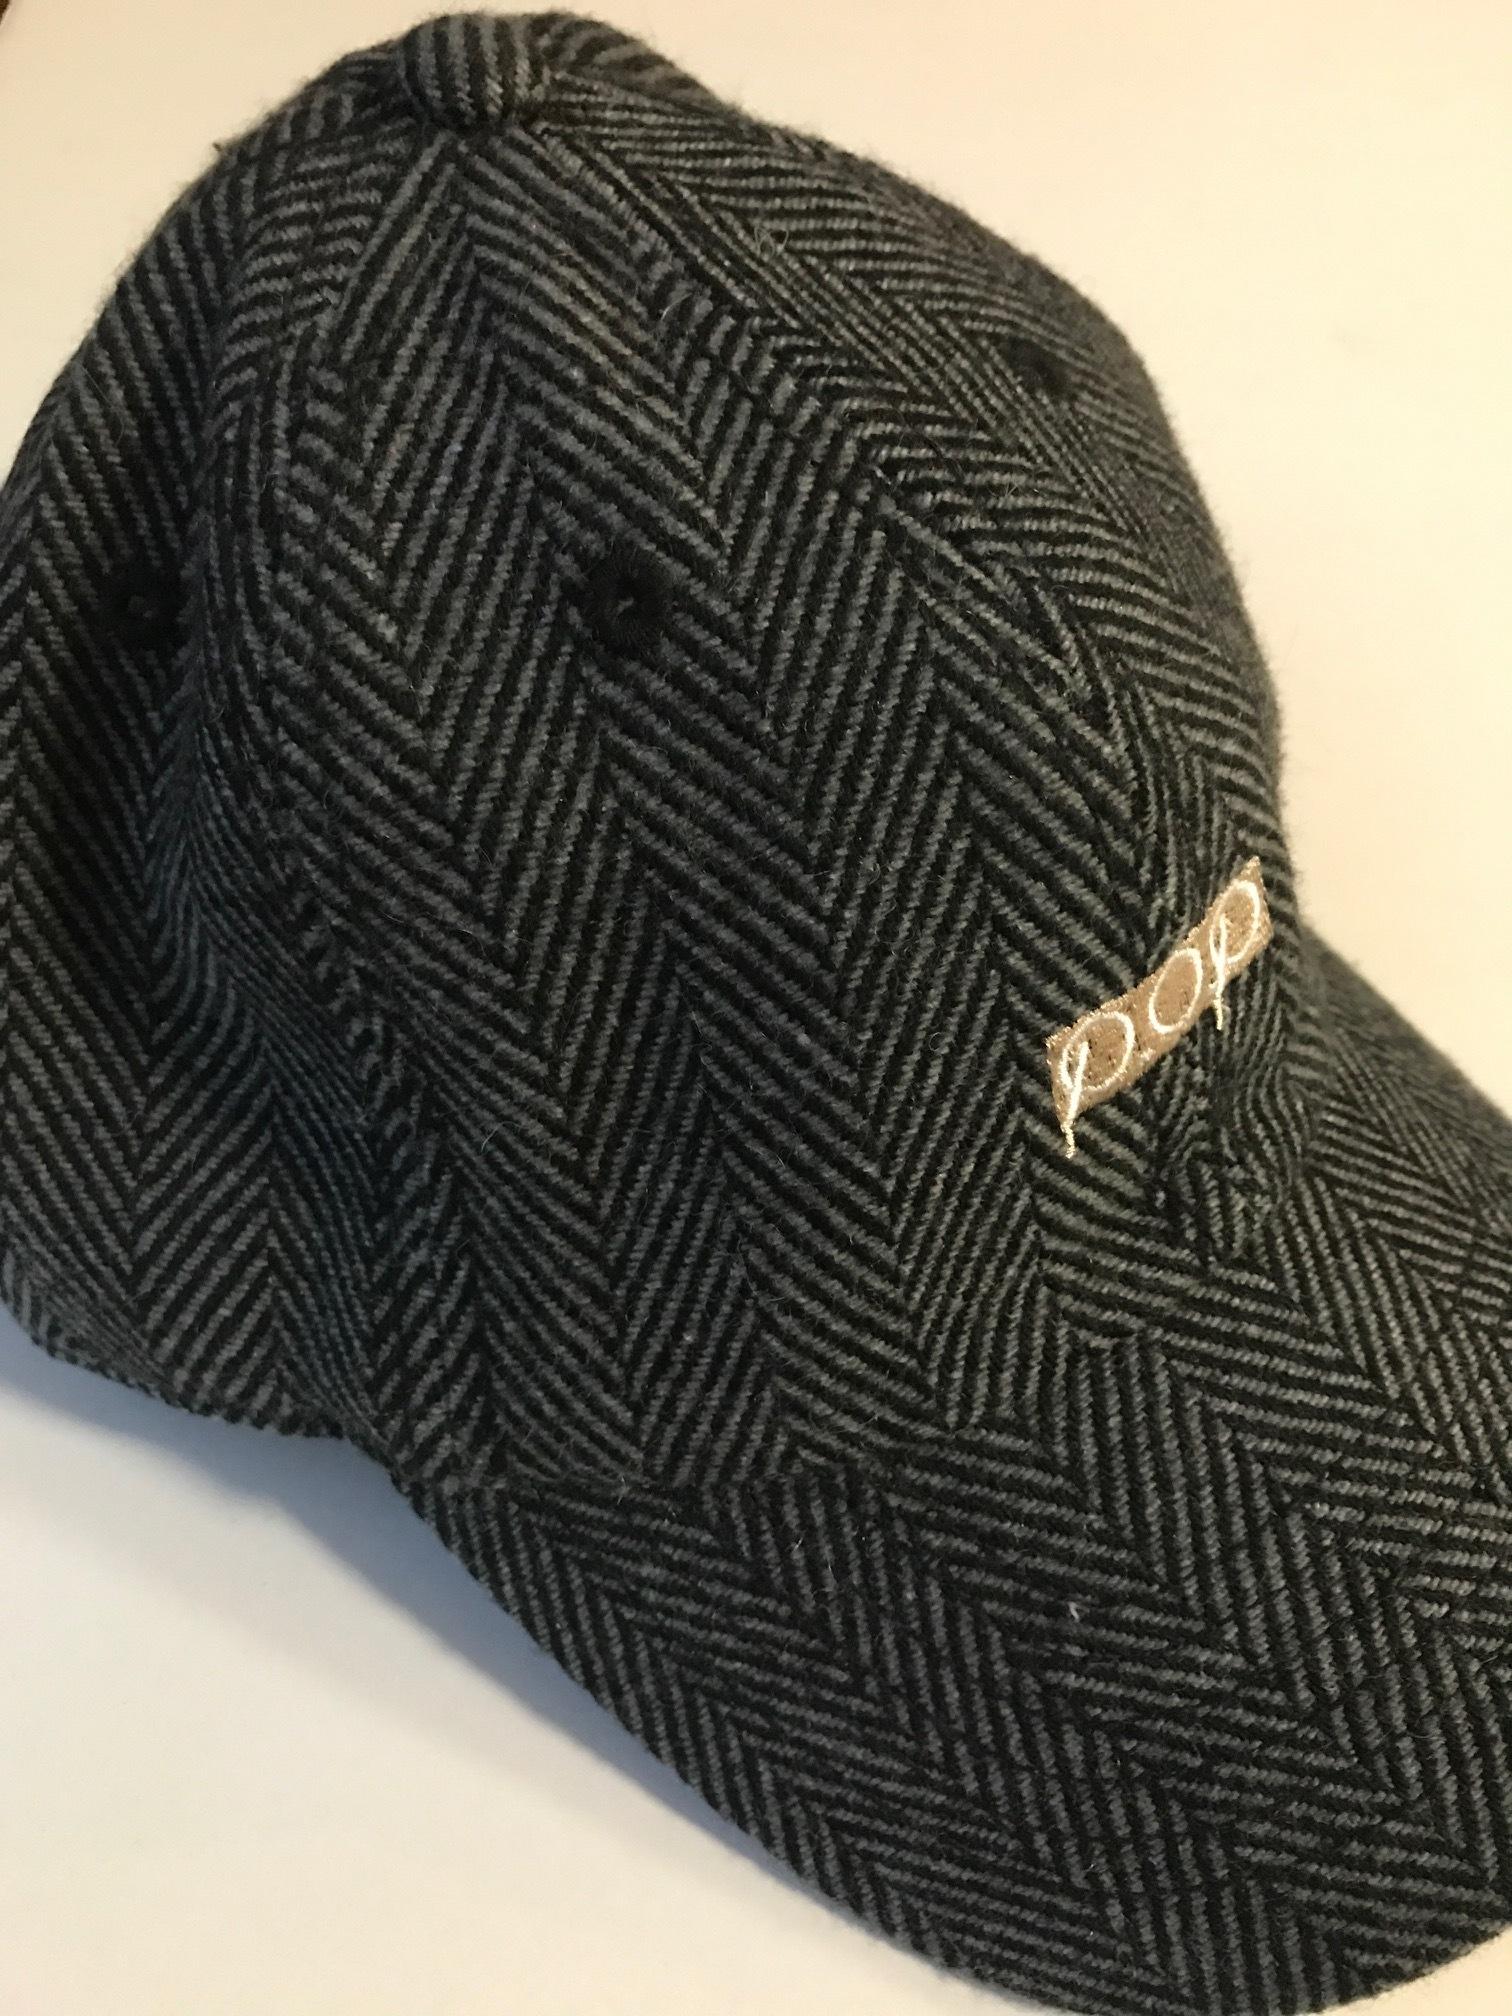 P.O.P CAP ブラックへリボーン(ウール) - 画像2